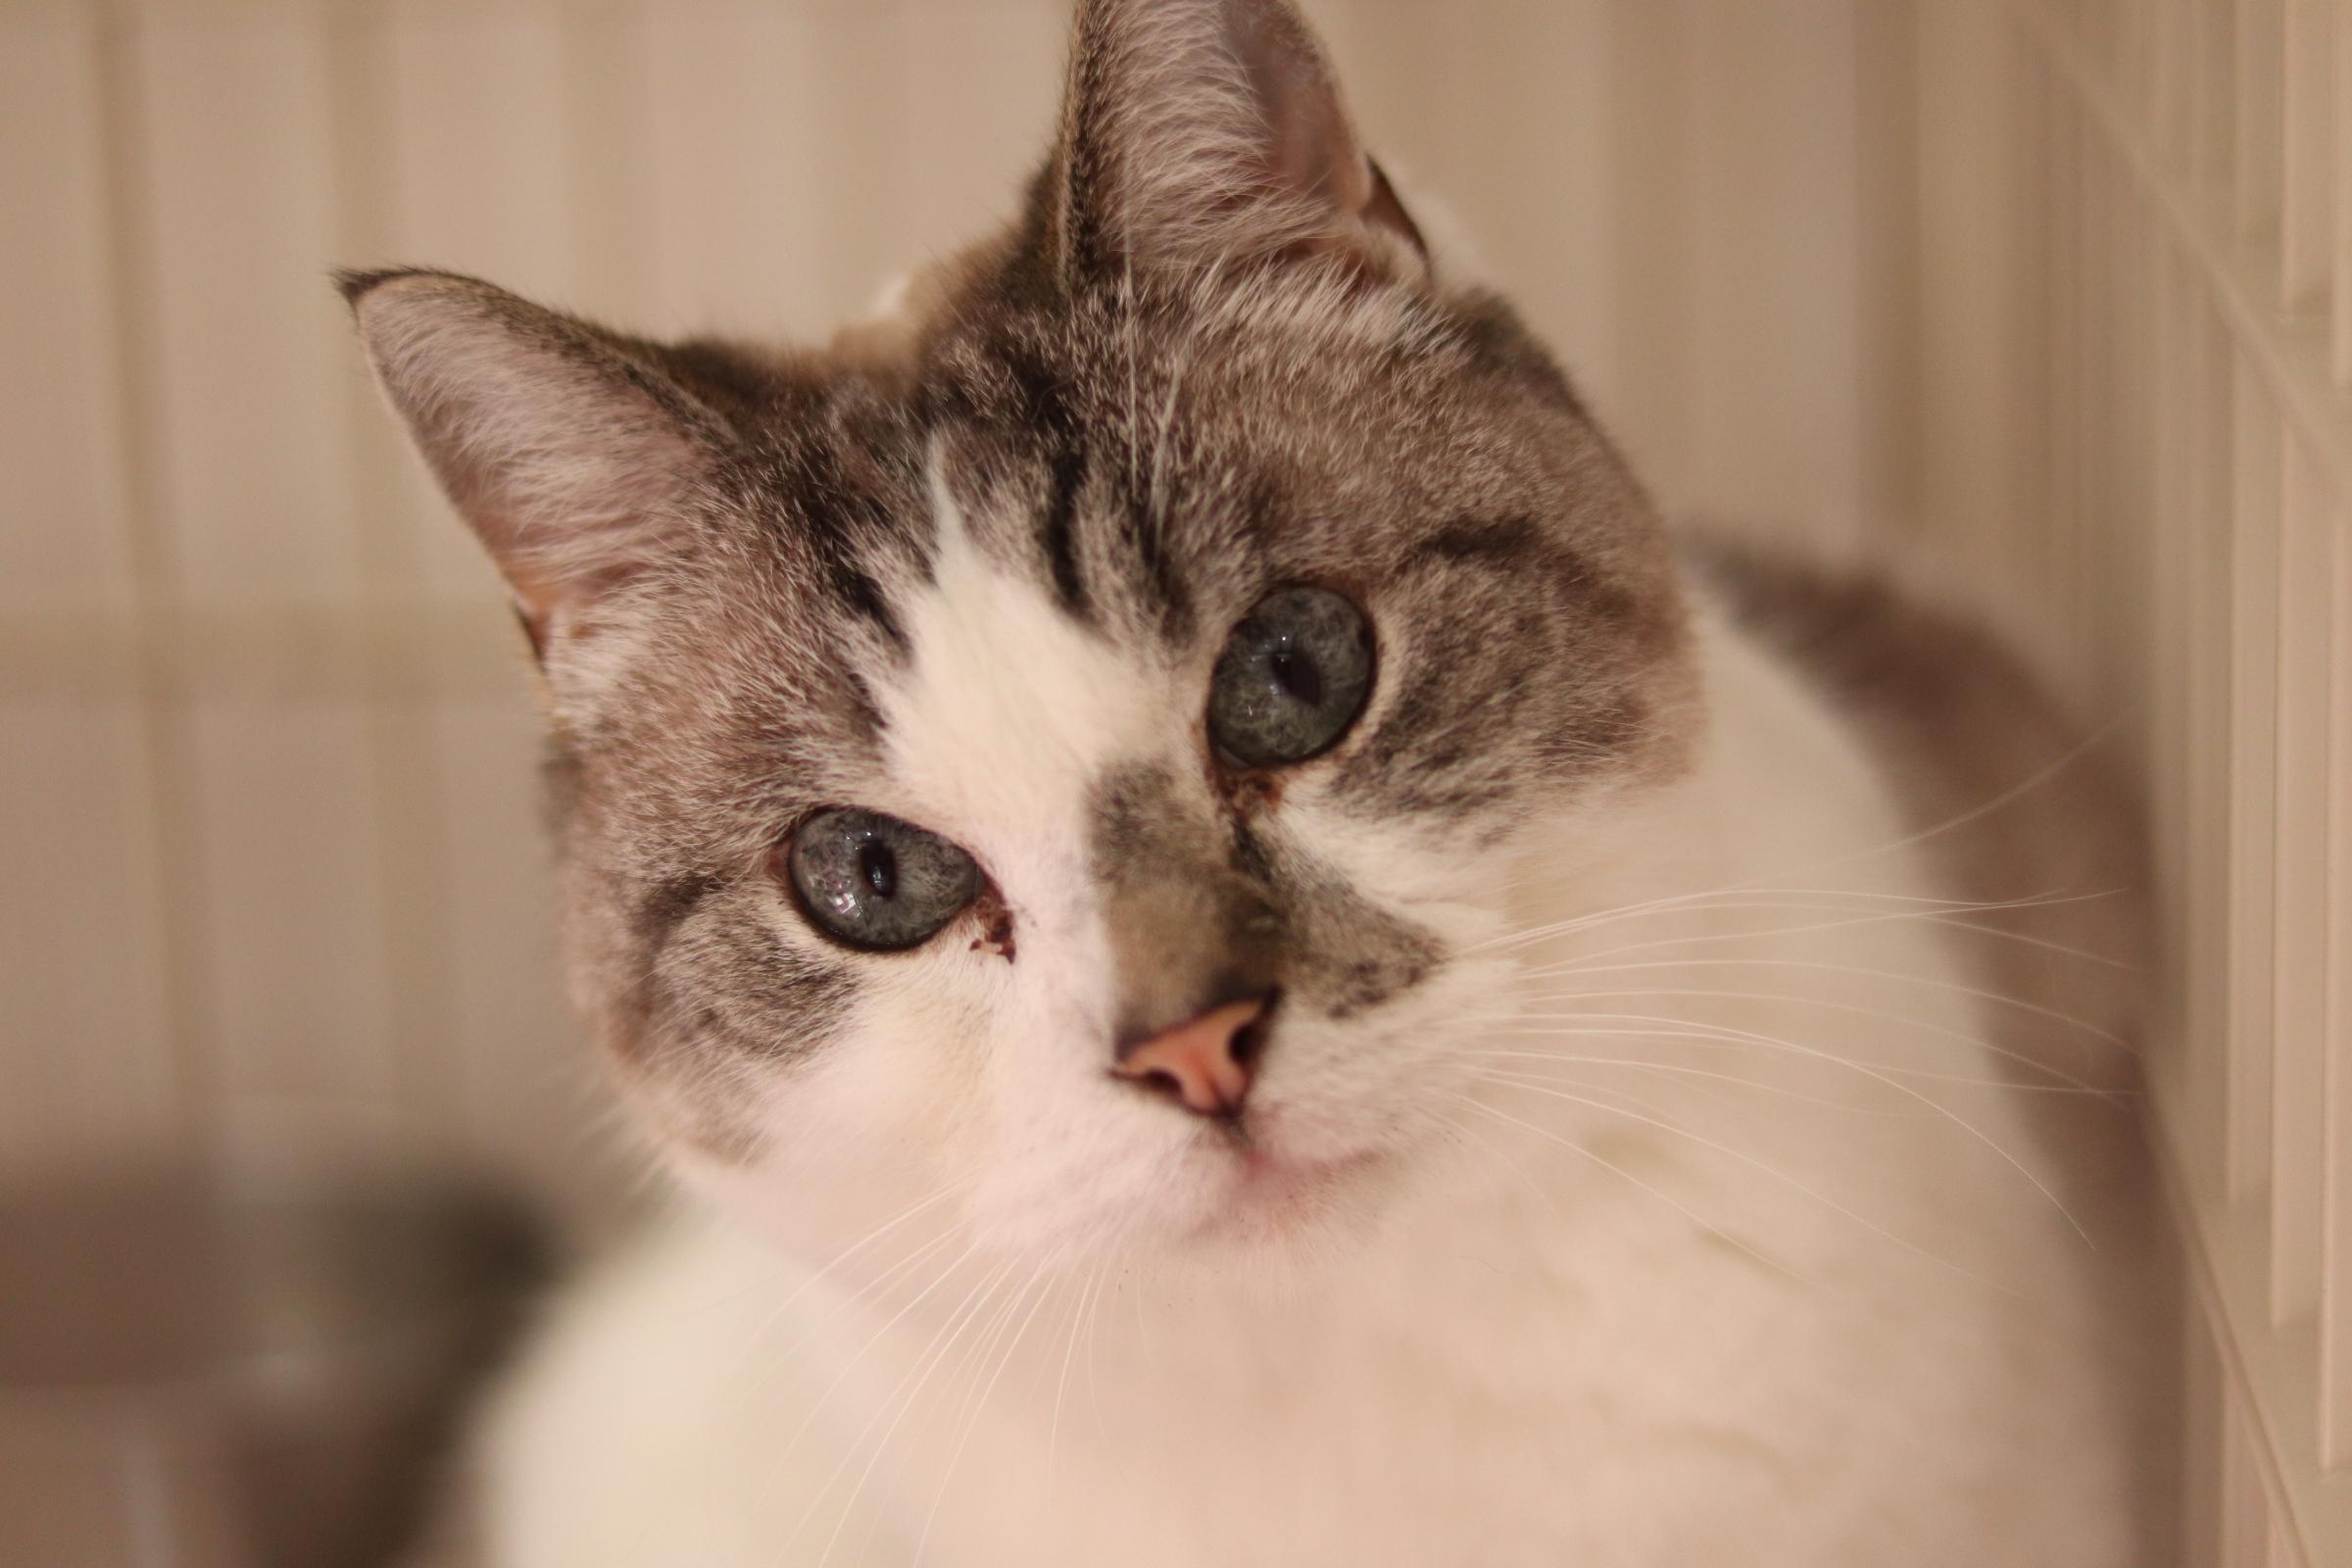 <ul> <li>猫種:マンチカン</li> <li>性別:男の子</li> <li>名前:しろ</li> <li>年齢:2010年6月1日生まれ</li> <li>保護経緯:子どもに猫アレルギー発症し飼育困難</li> </ul>